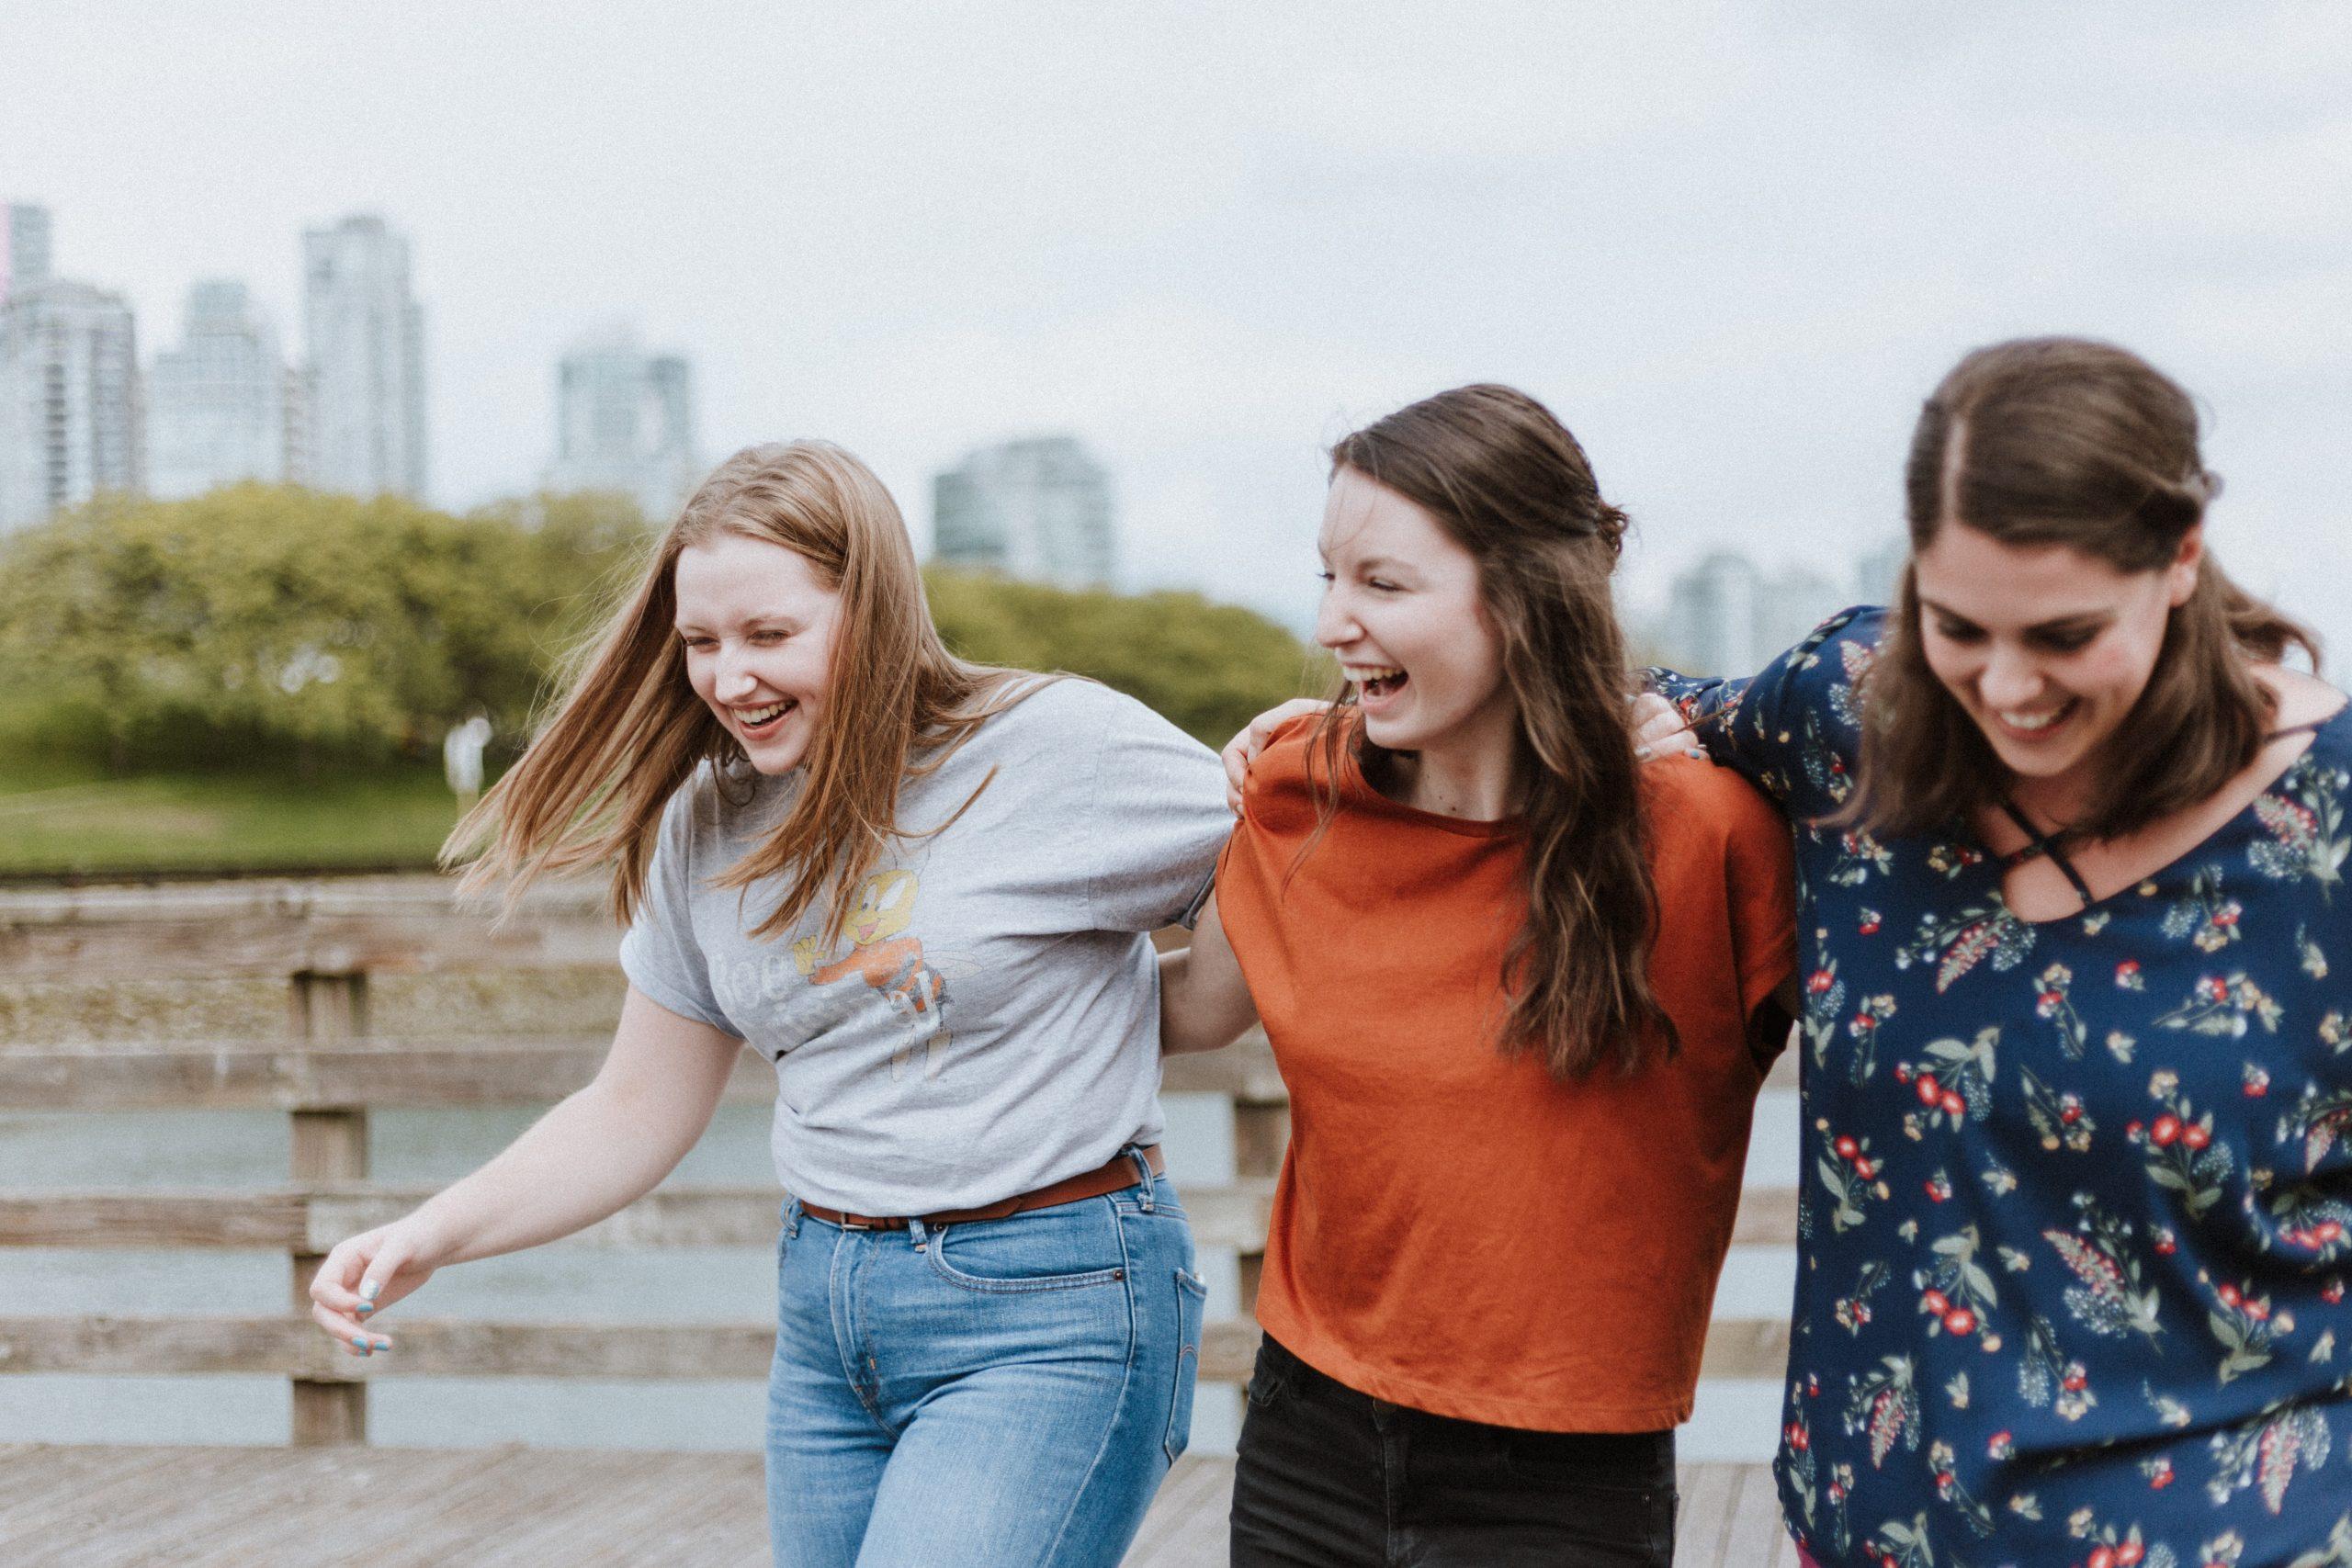 Trei fete zâmbind ți ținându-se în brațe